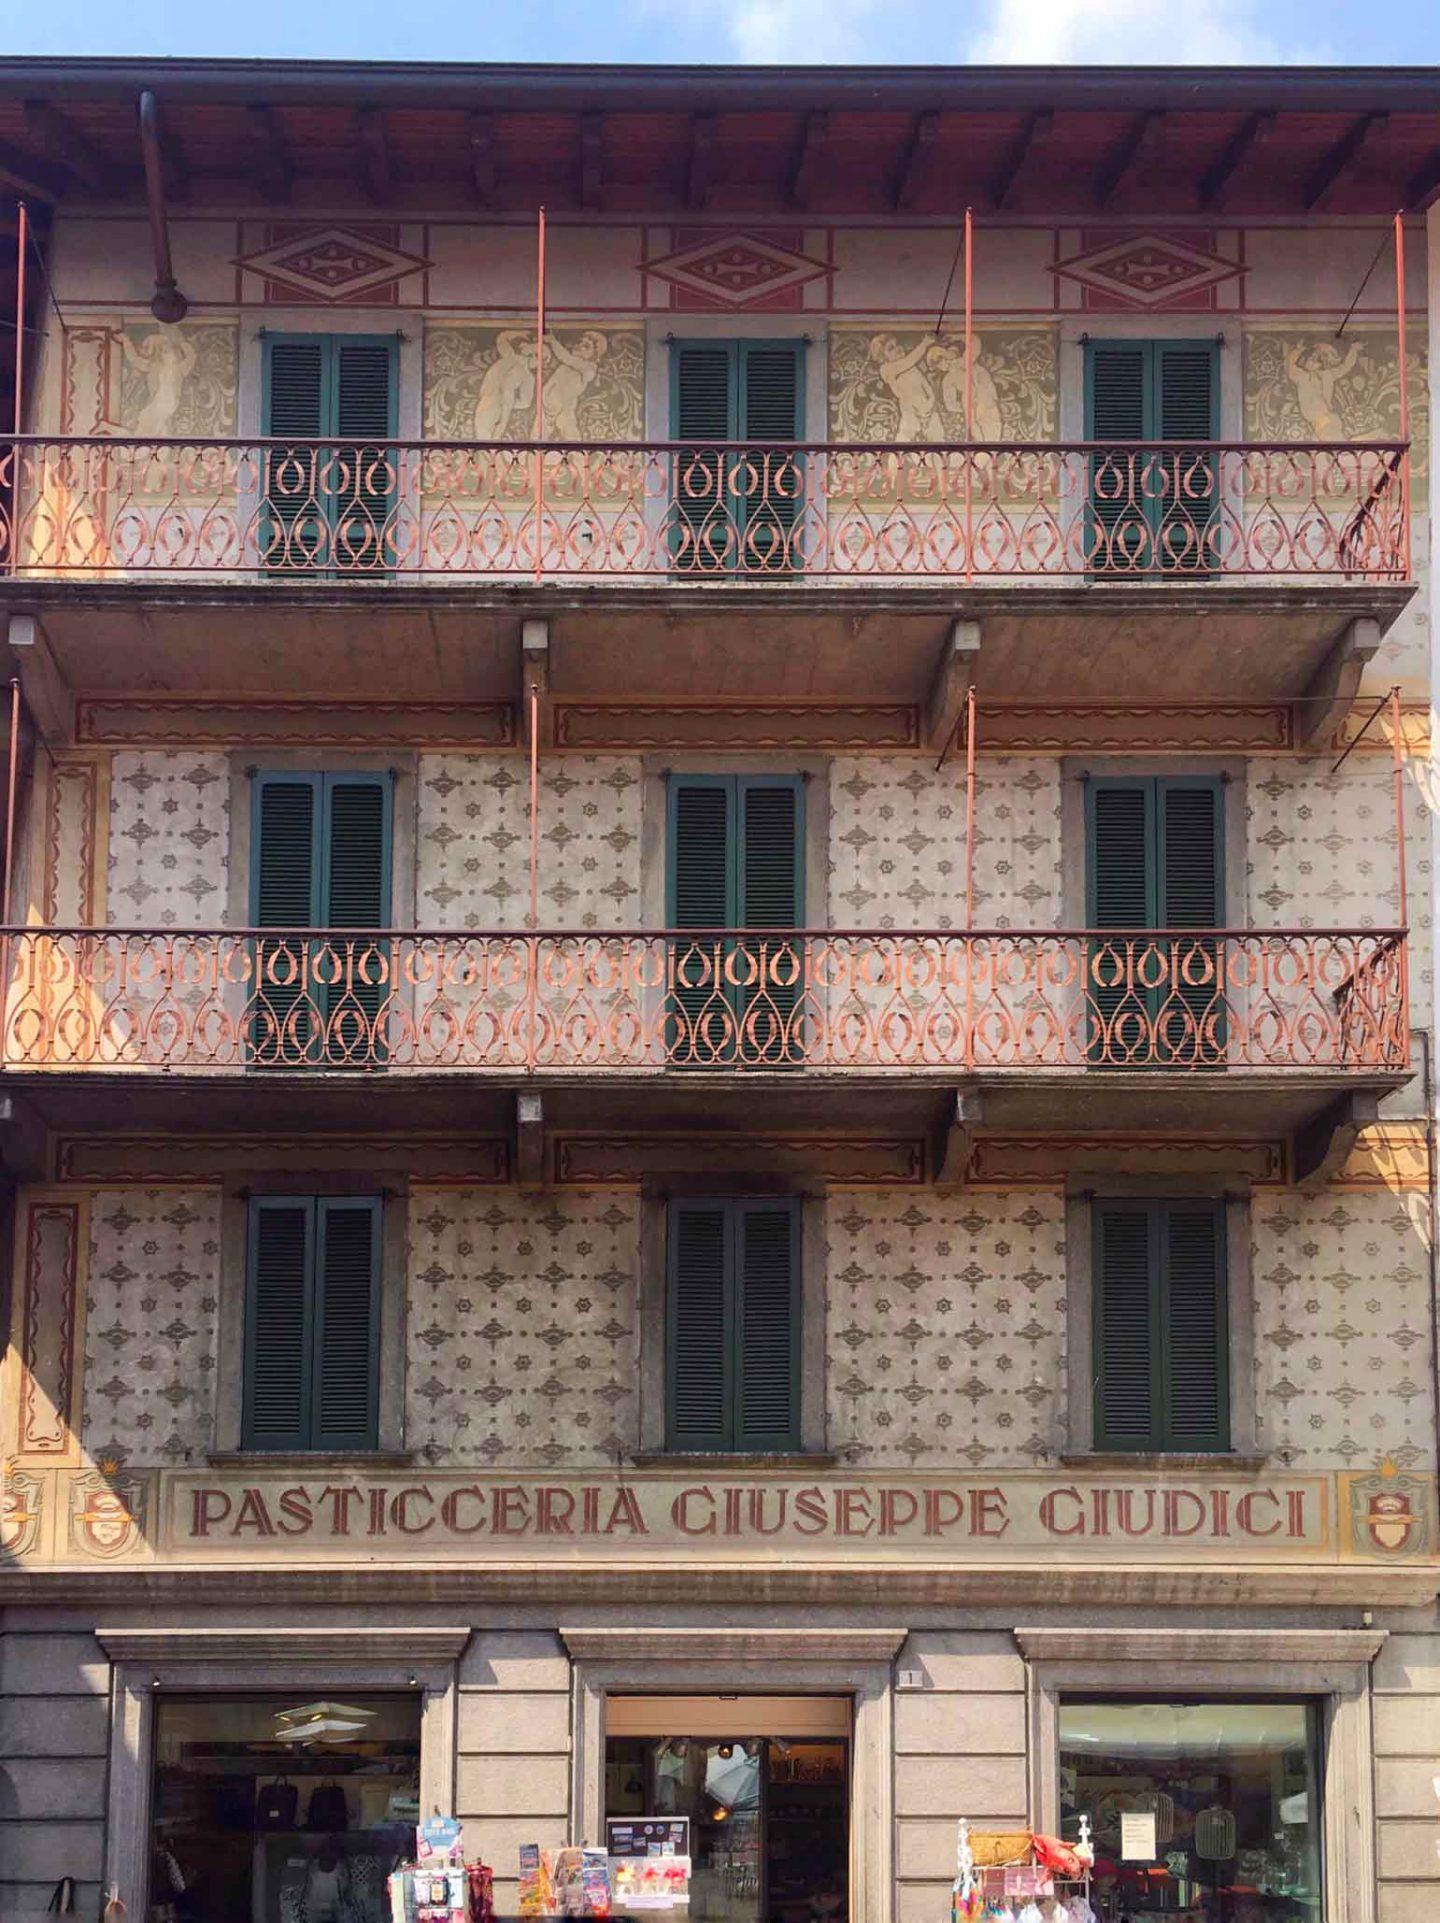 facciata di un palazzo a Clusone con insegna d'epoca